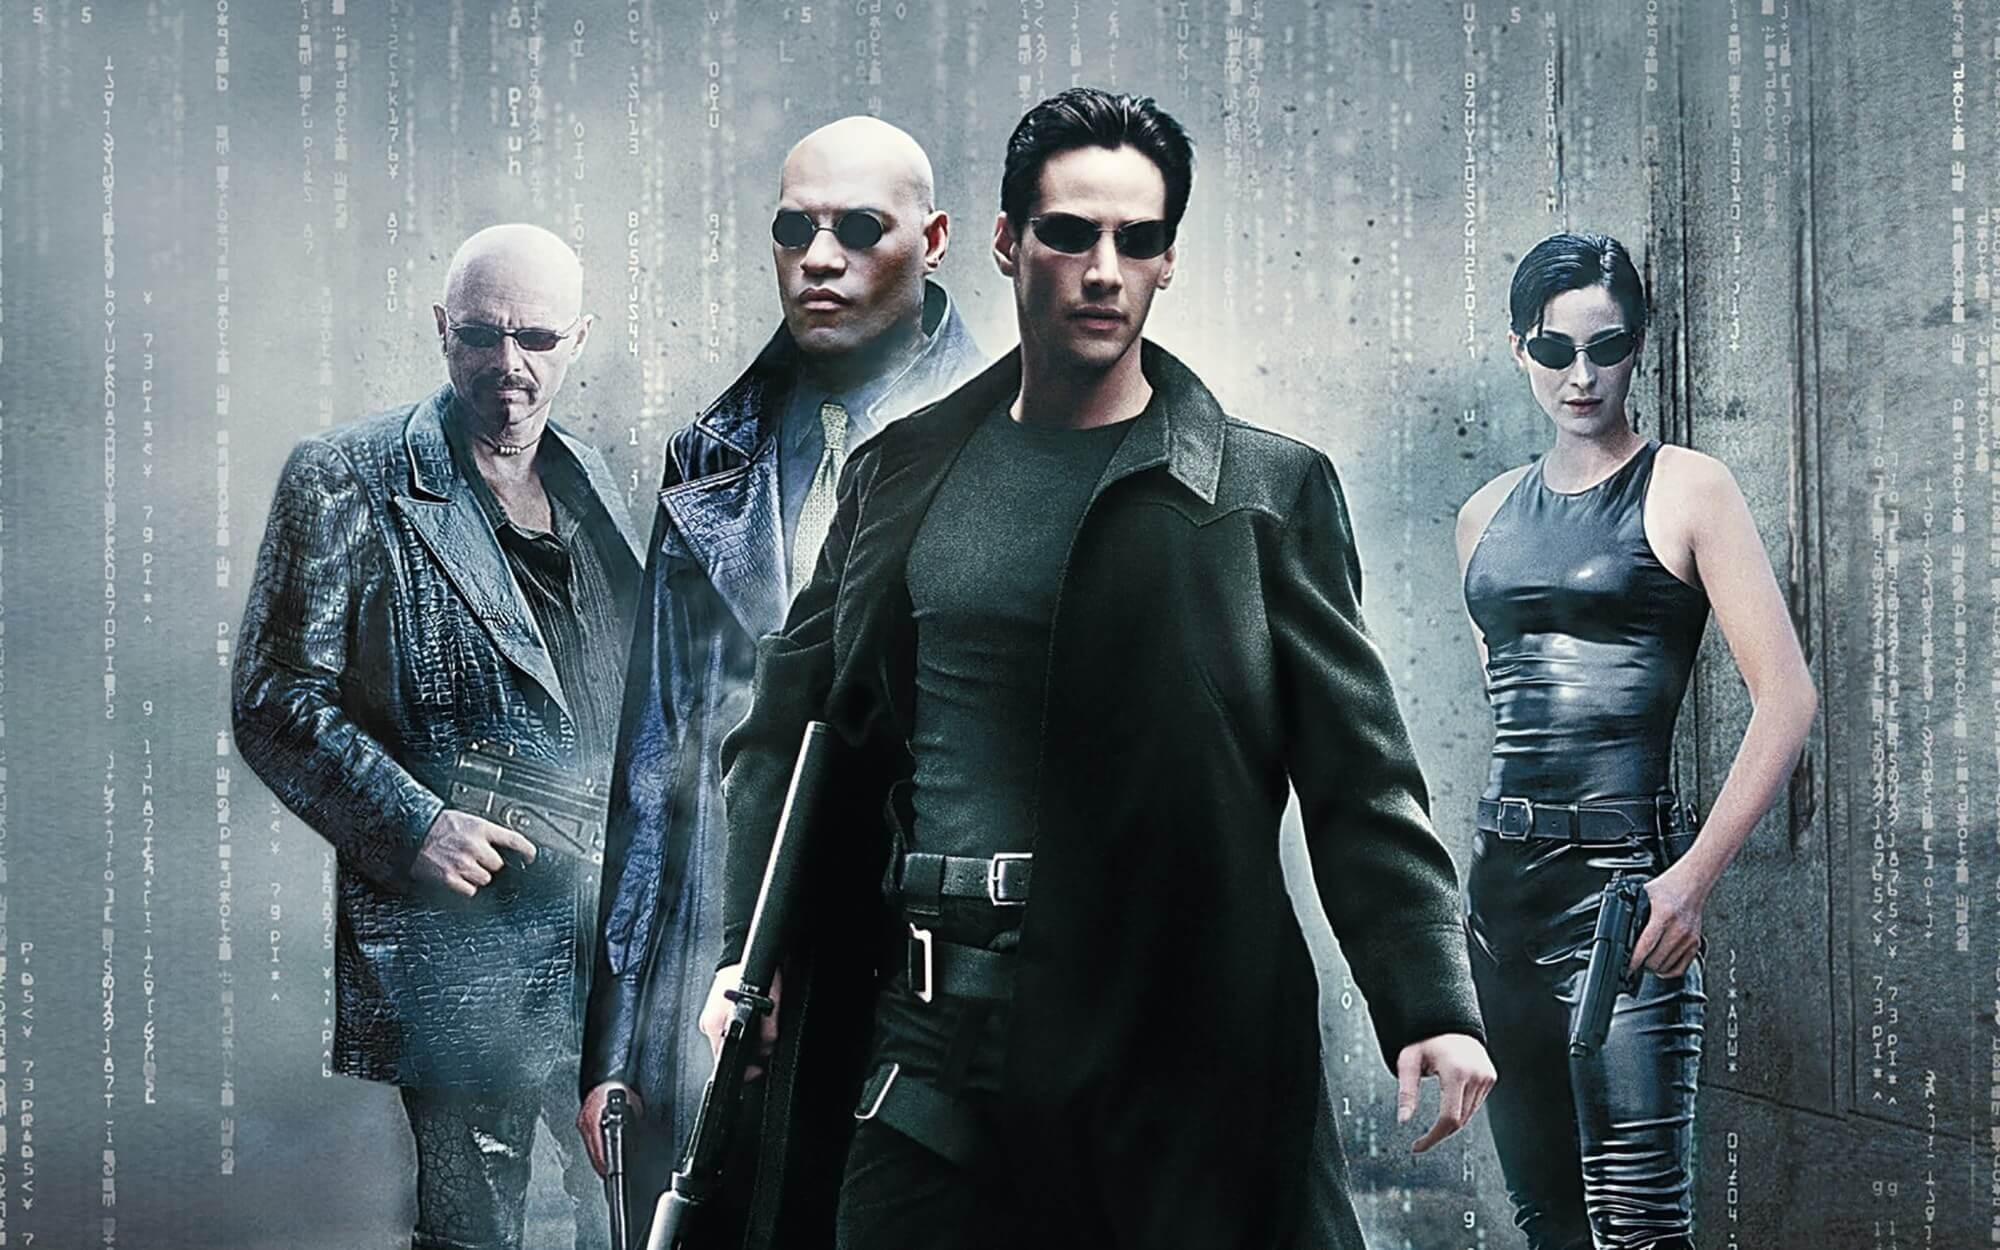 Matrix_1999